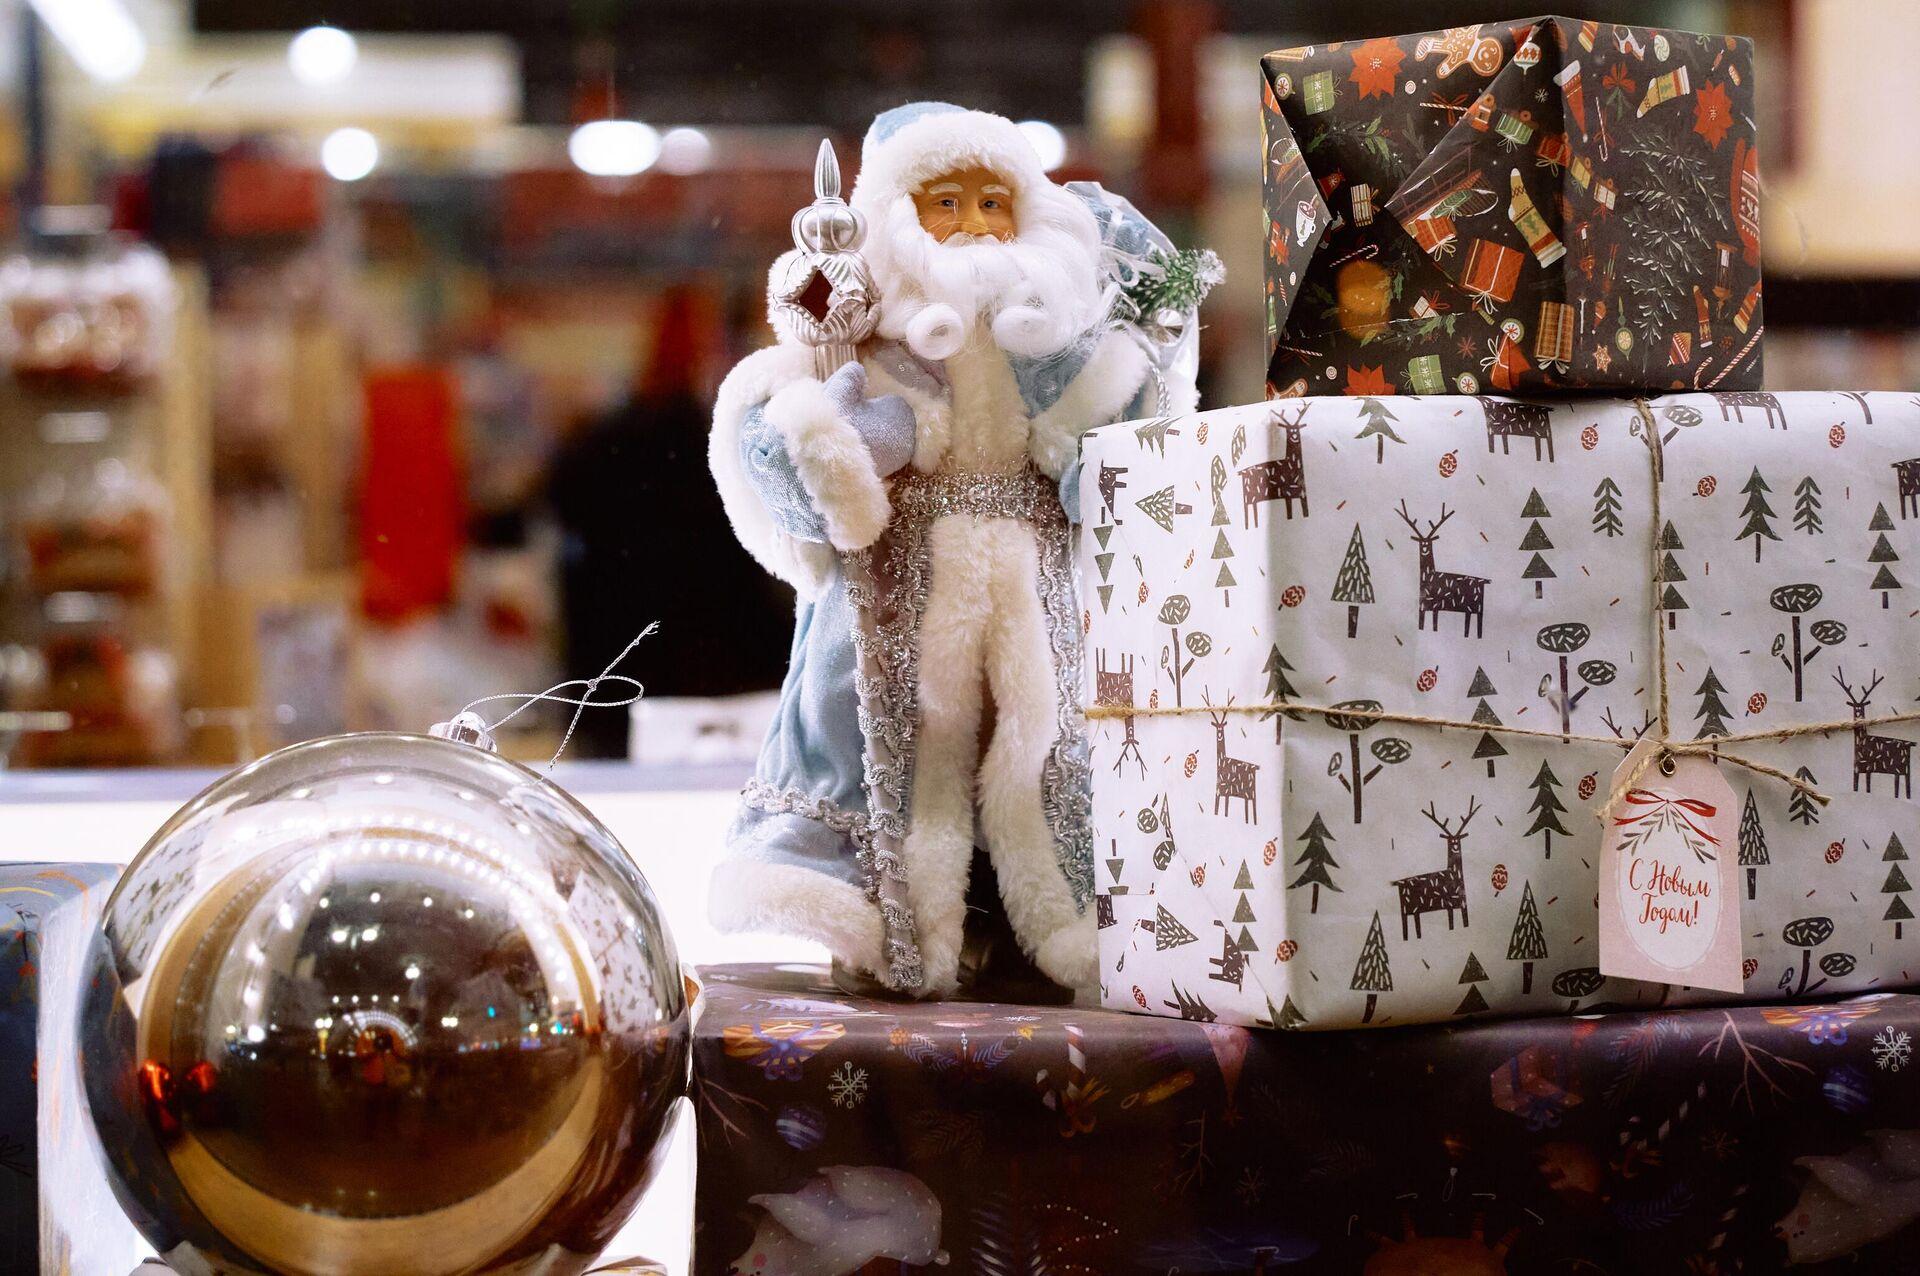 Елочные игрушки в витрине Дома Книги в Санкт-Петербурге - РИА Новости, 1920, 14.12.2020